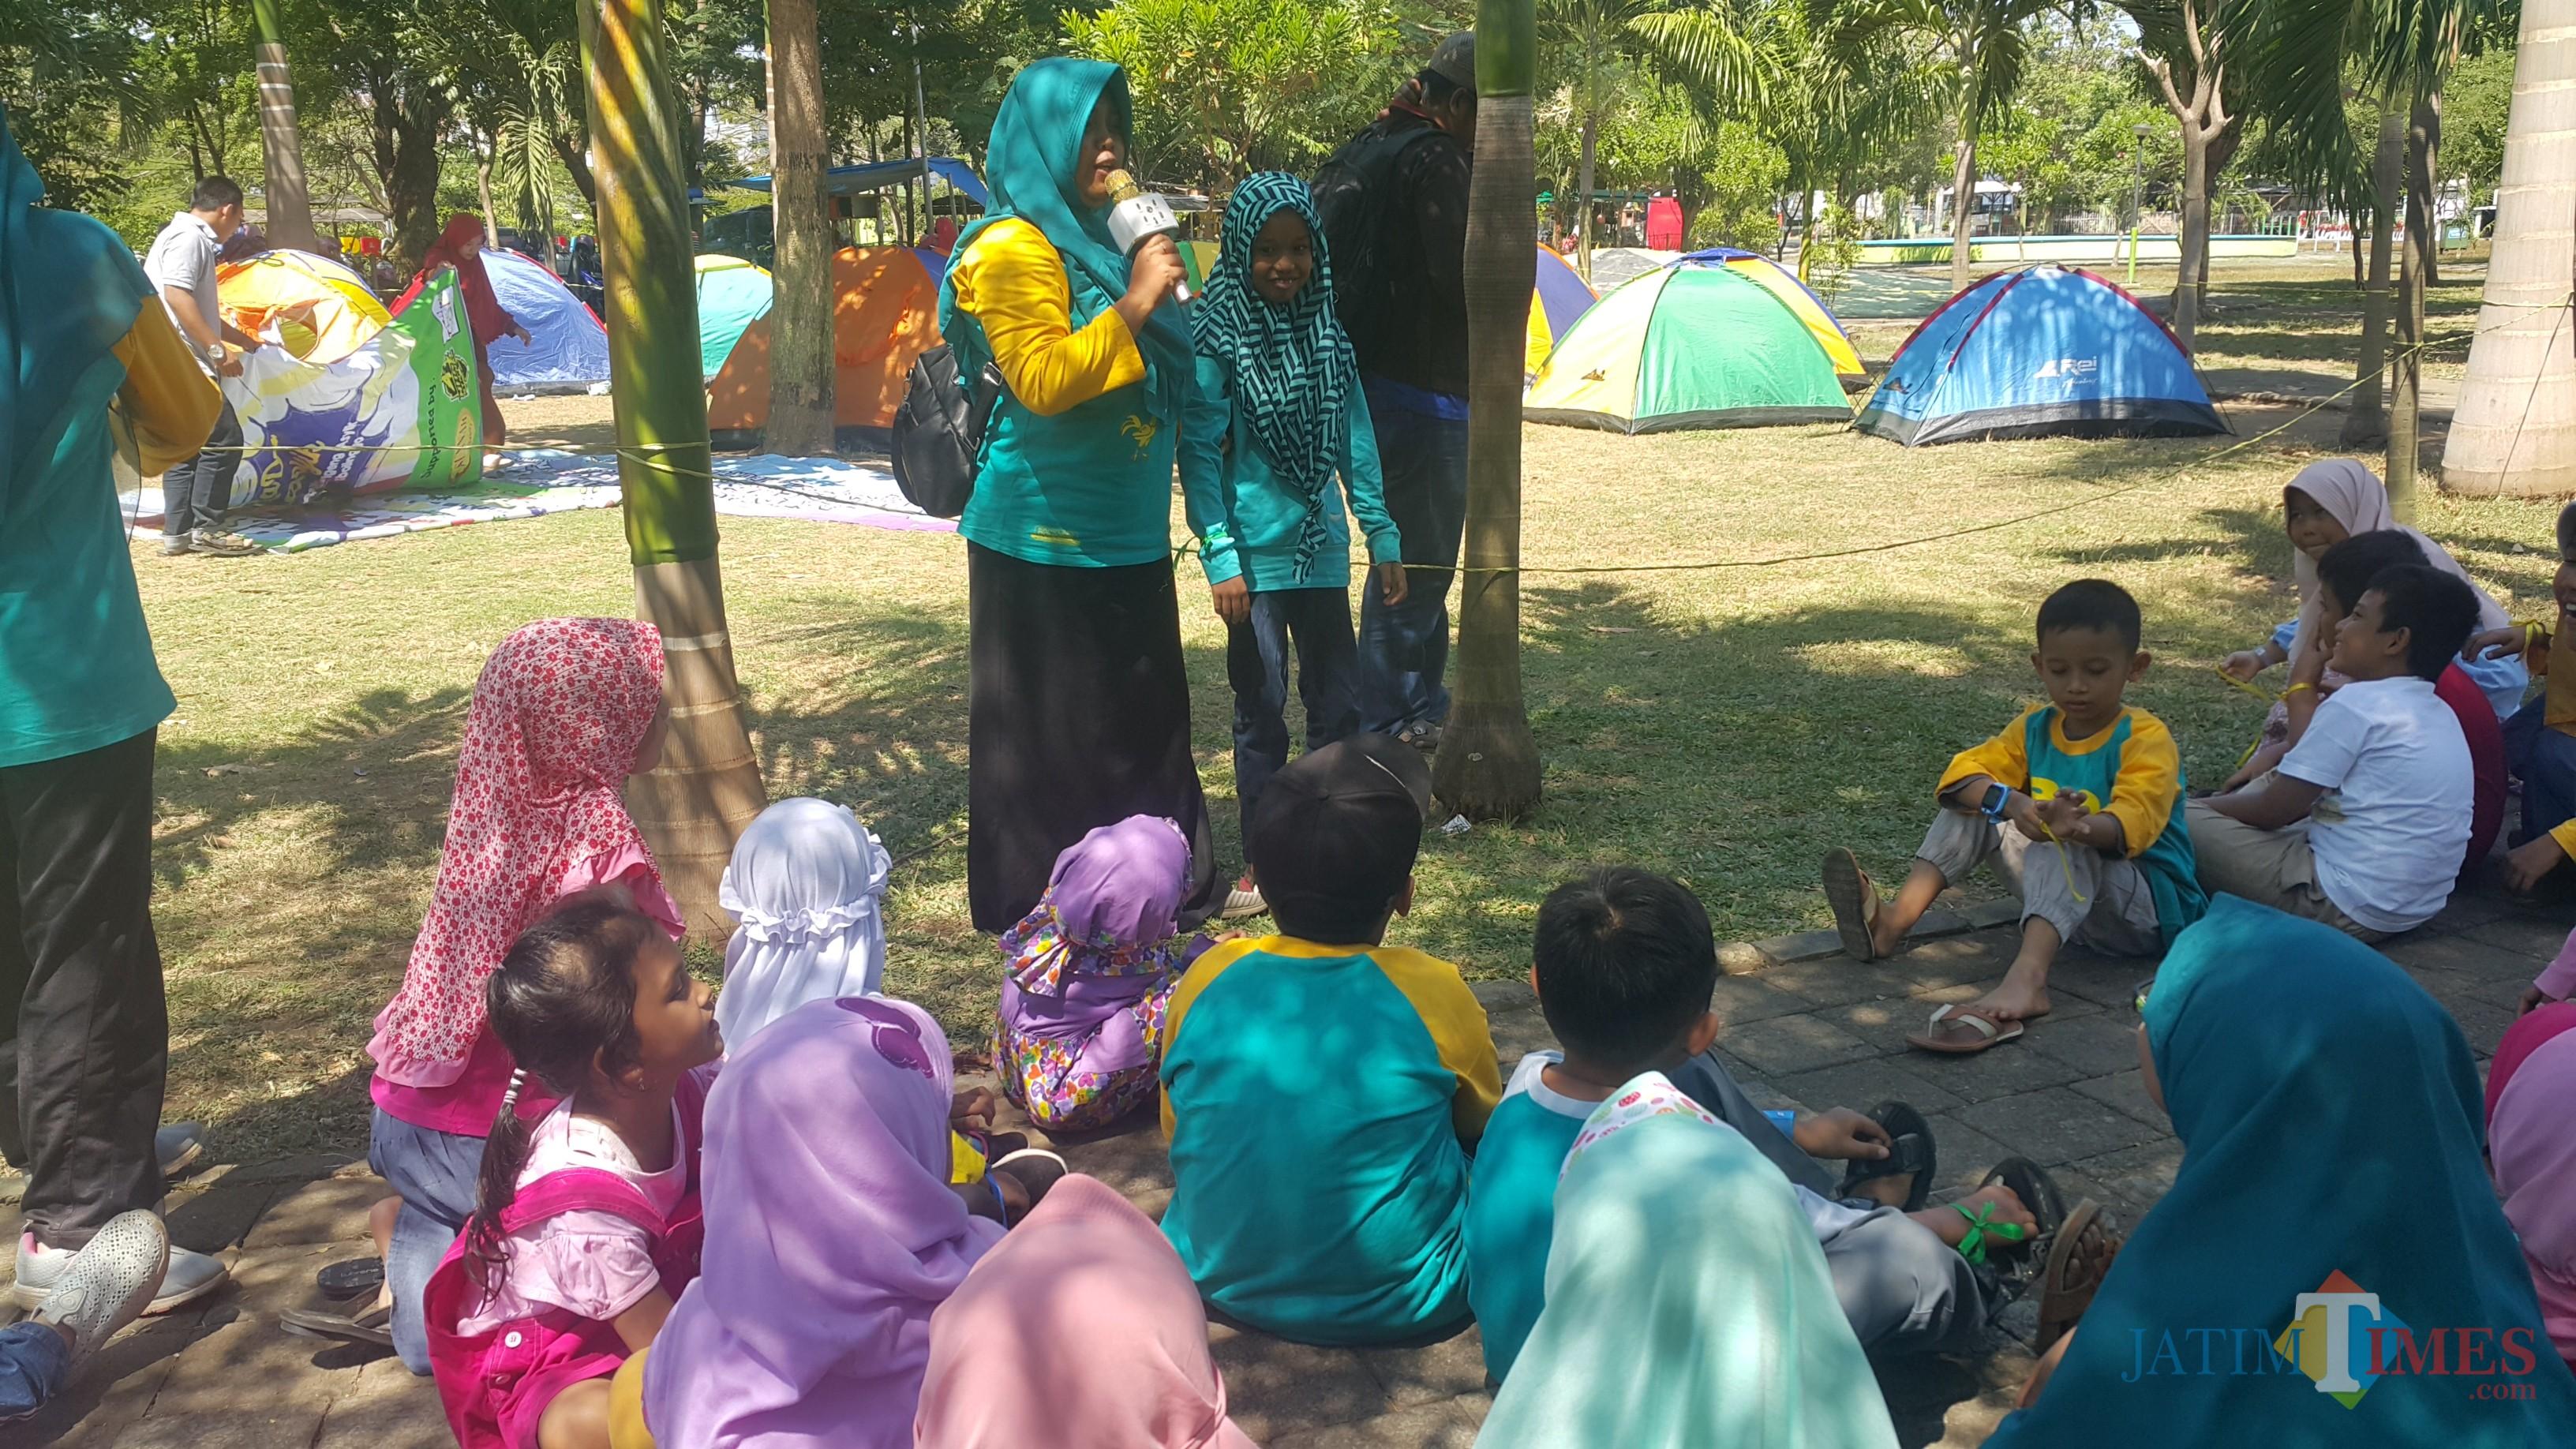 Anak-anak yang tergabung dalam Komunitas, mengikuti acara yang digelarnya (Agus Salam/Jatim TIMES)